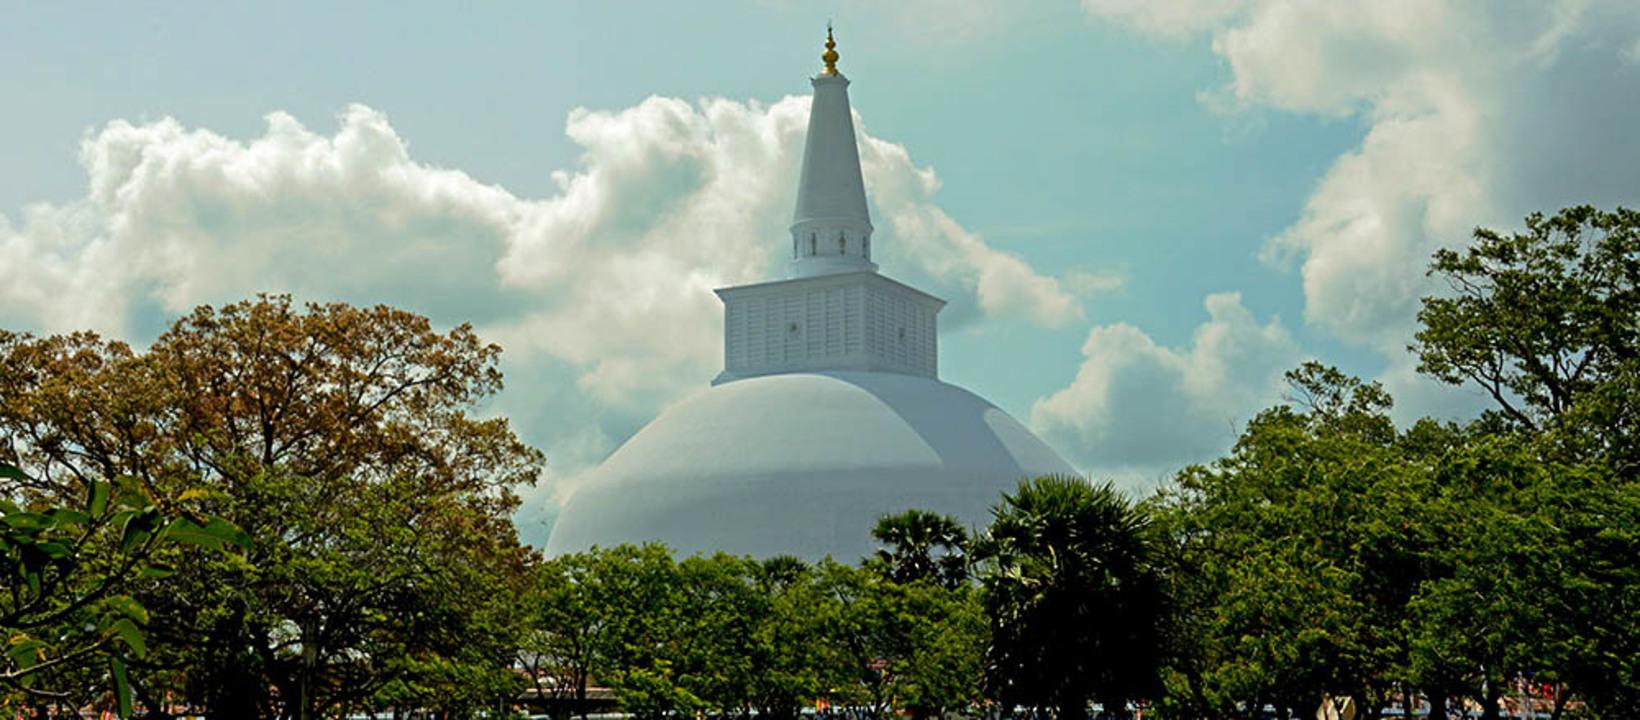 Ruwanweliseya, Anuradhapura